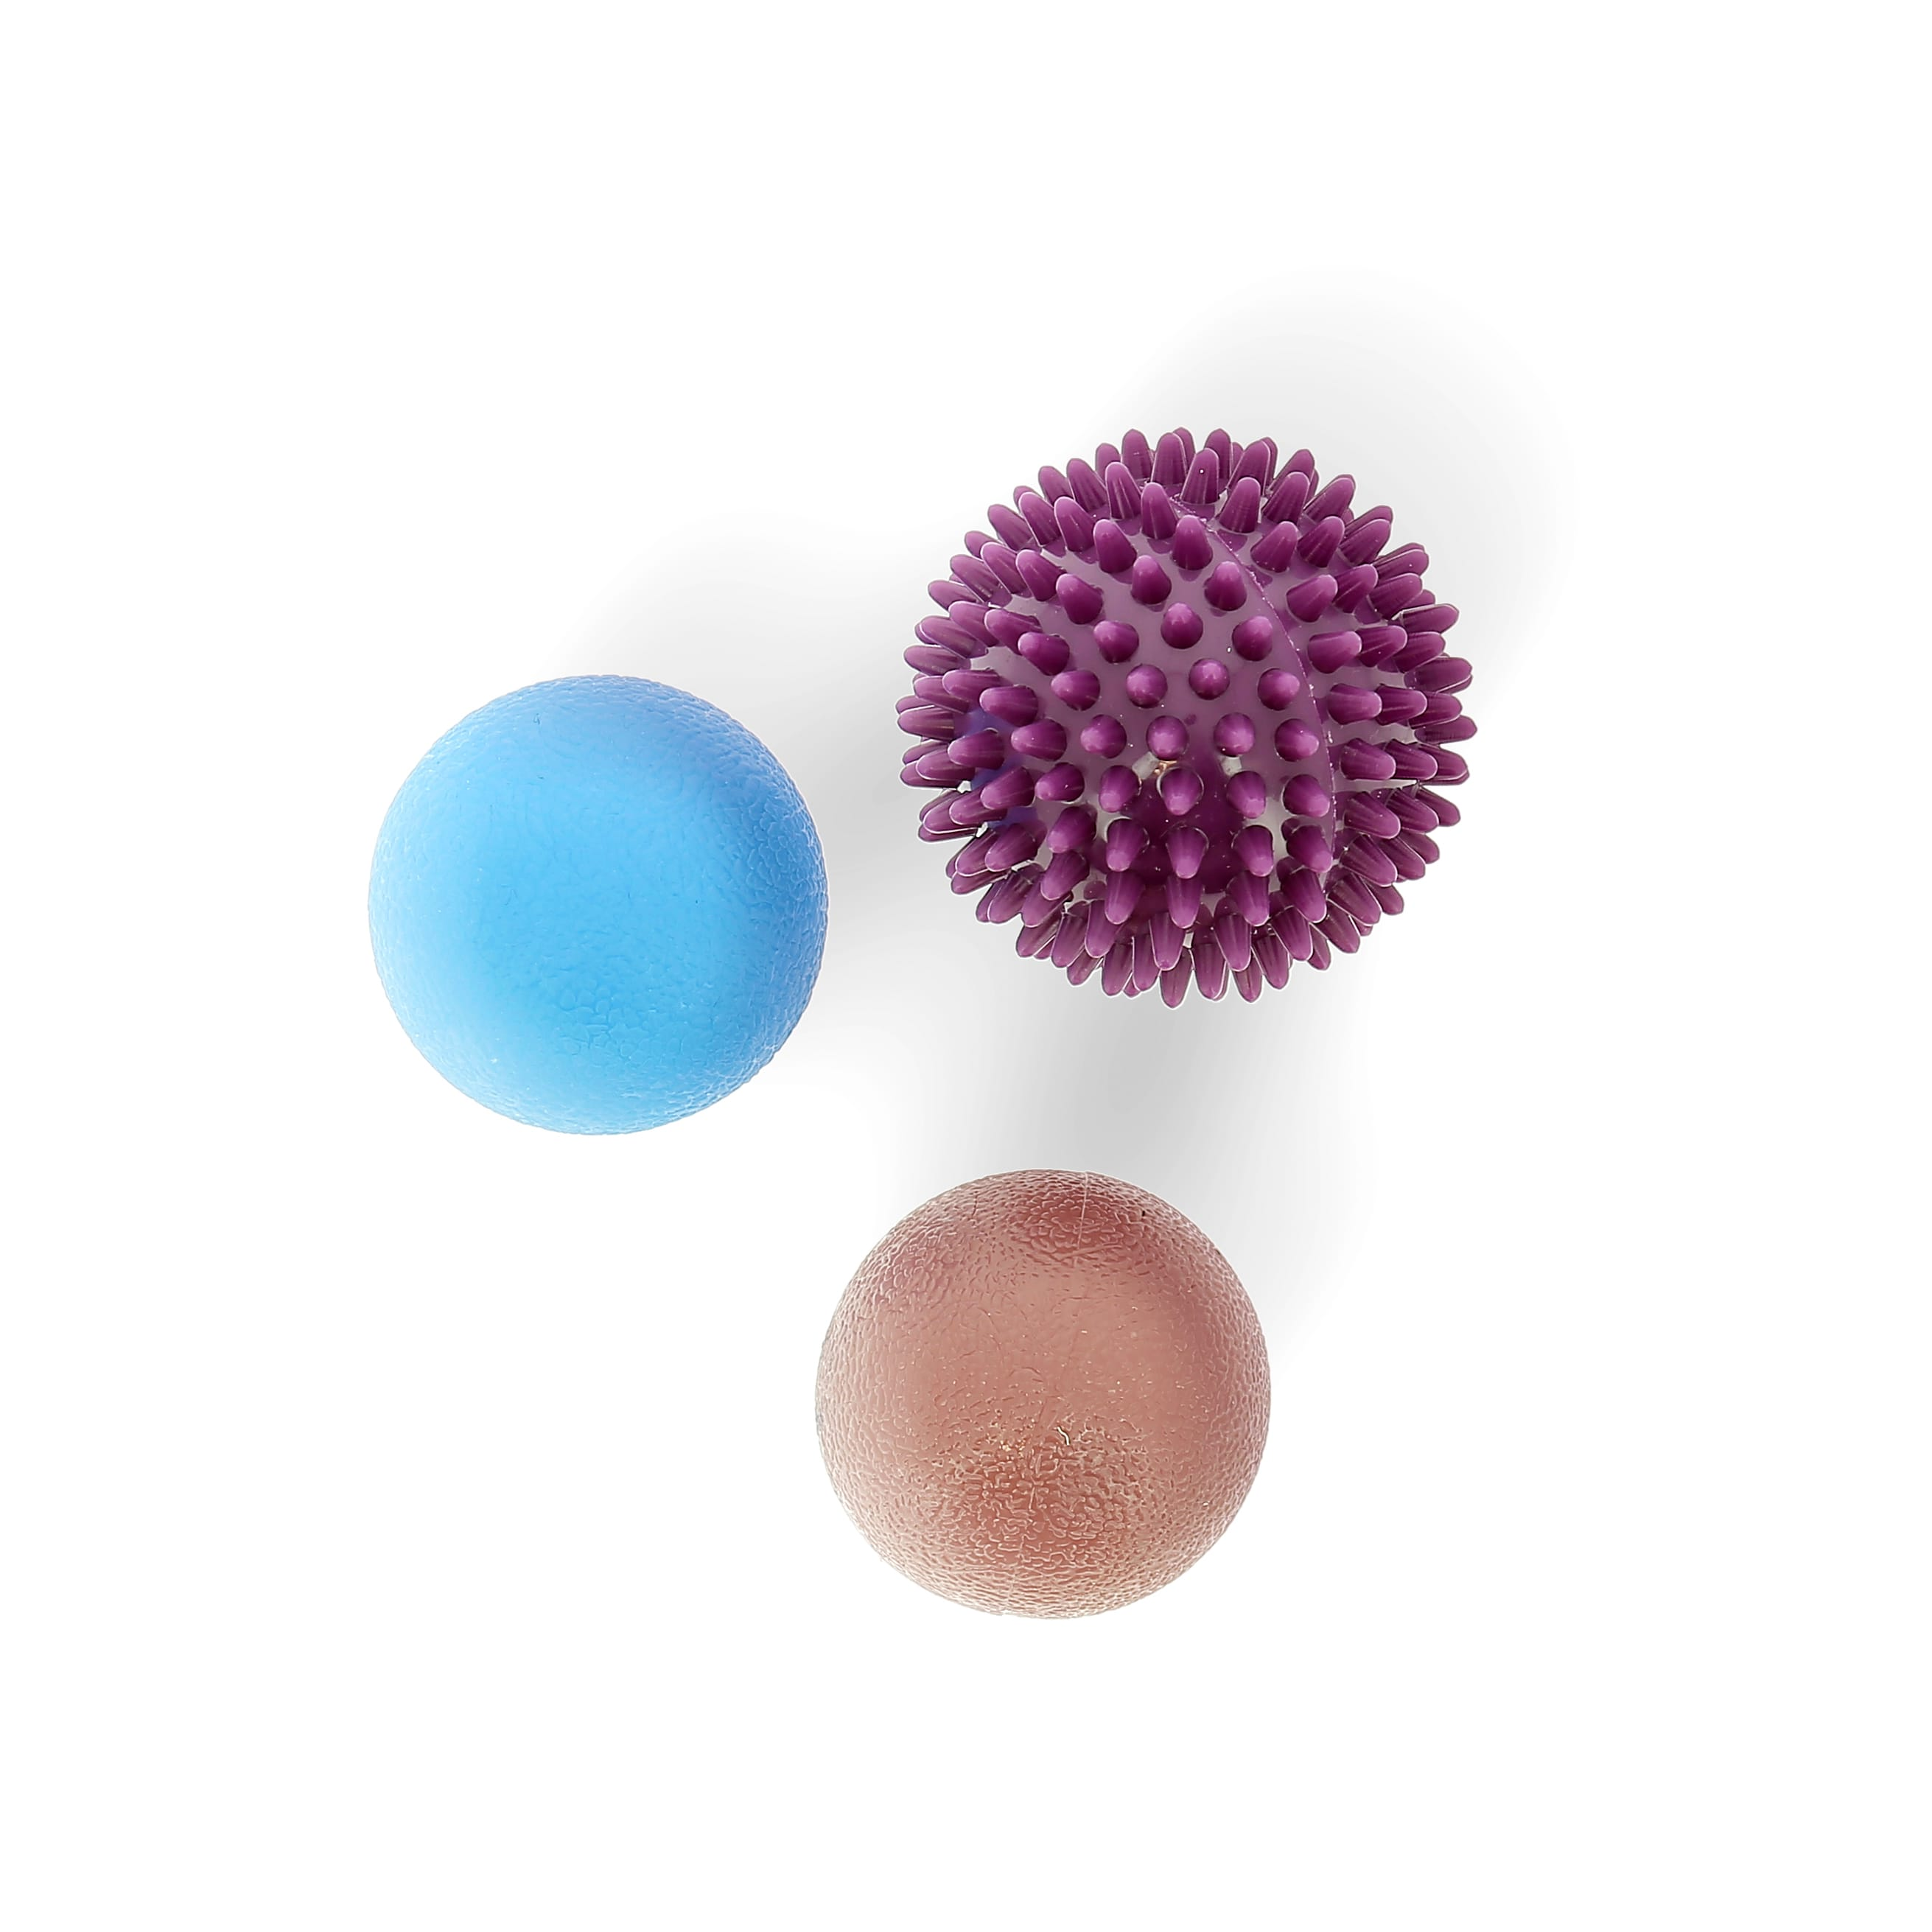 yoga pilates pilates pour gymnastique exercices d/équilibre Anlem Lot de 2 balles dexercice pour tapis de massage pour les pieds